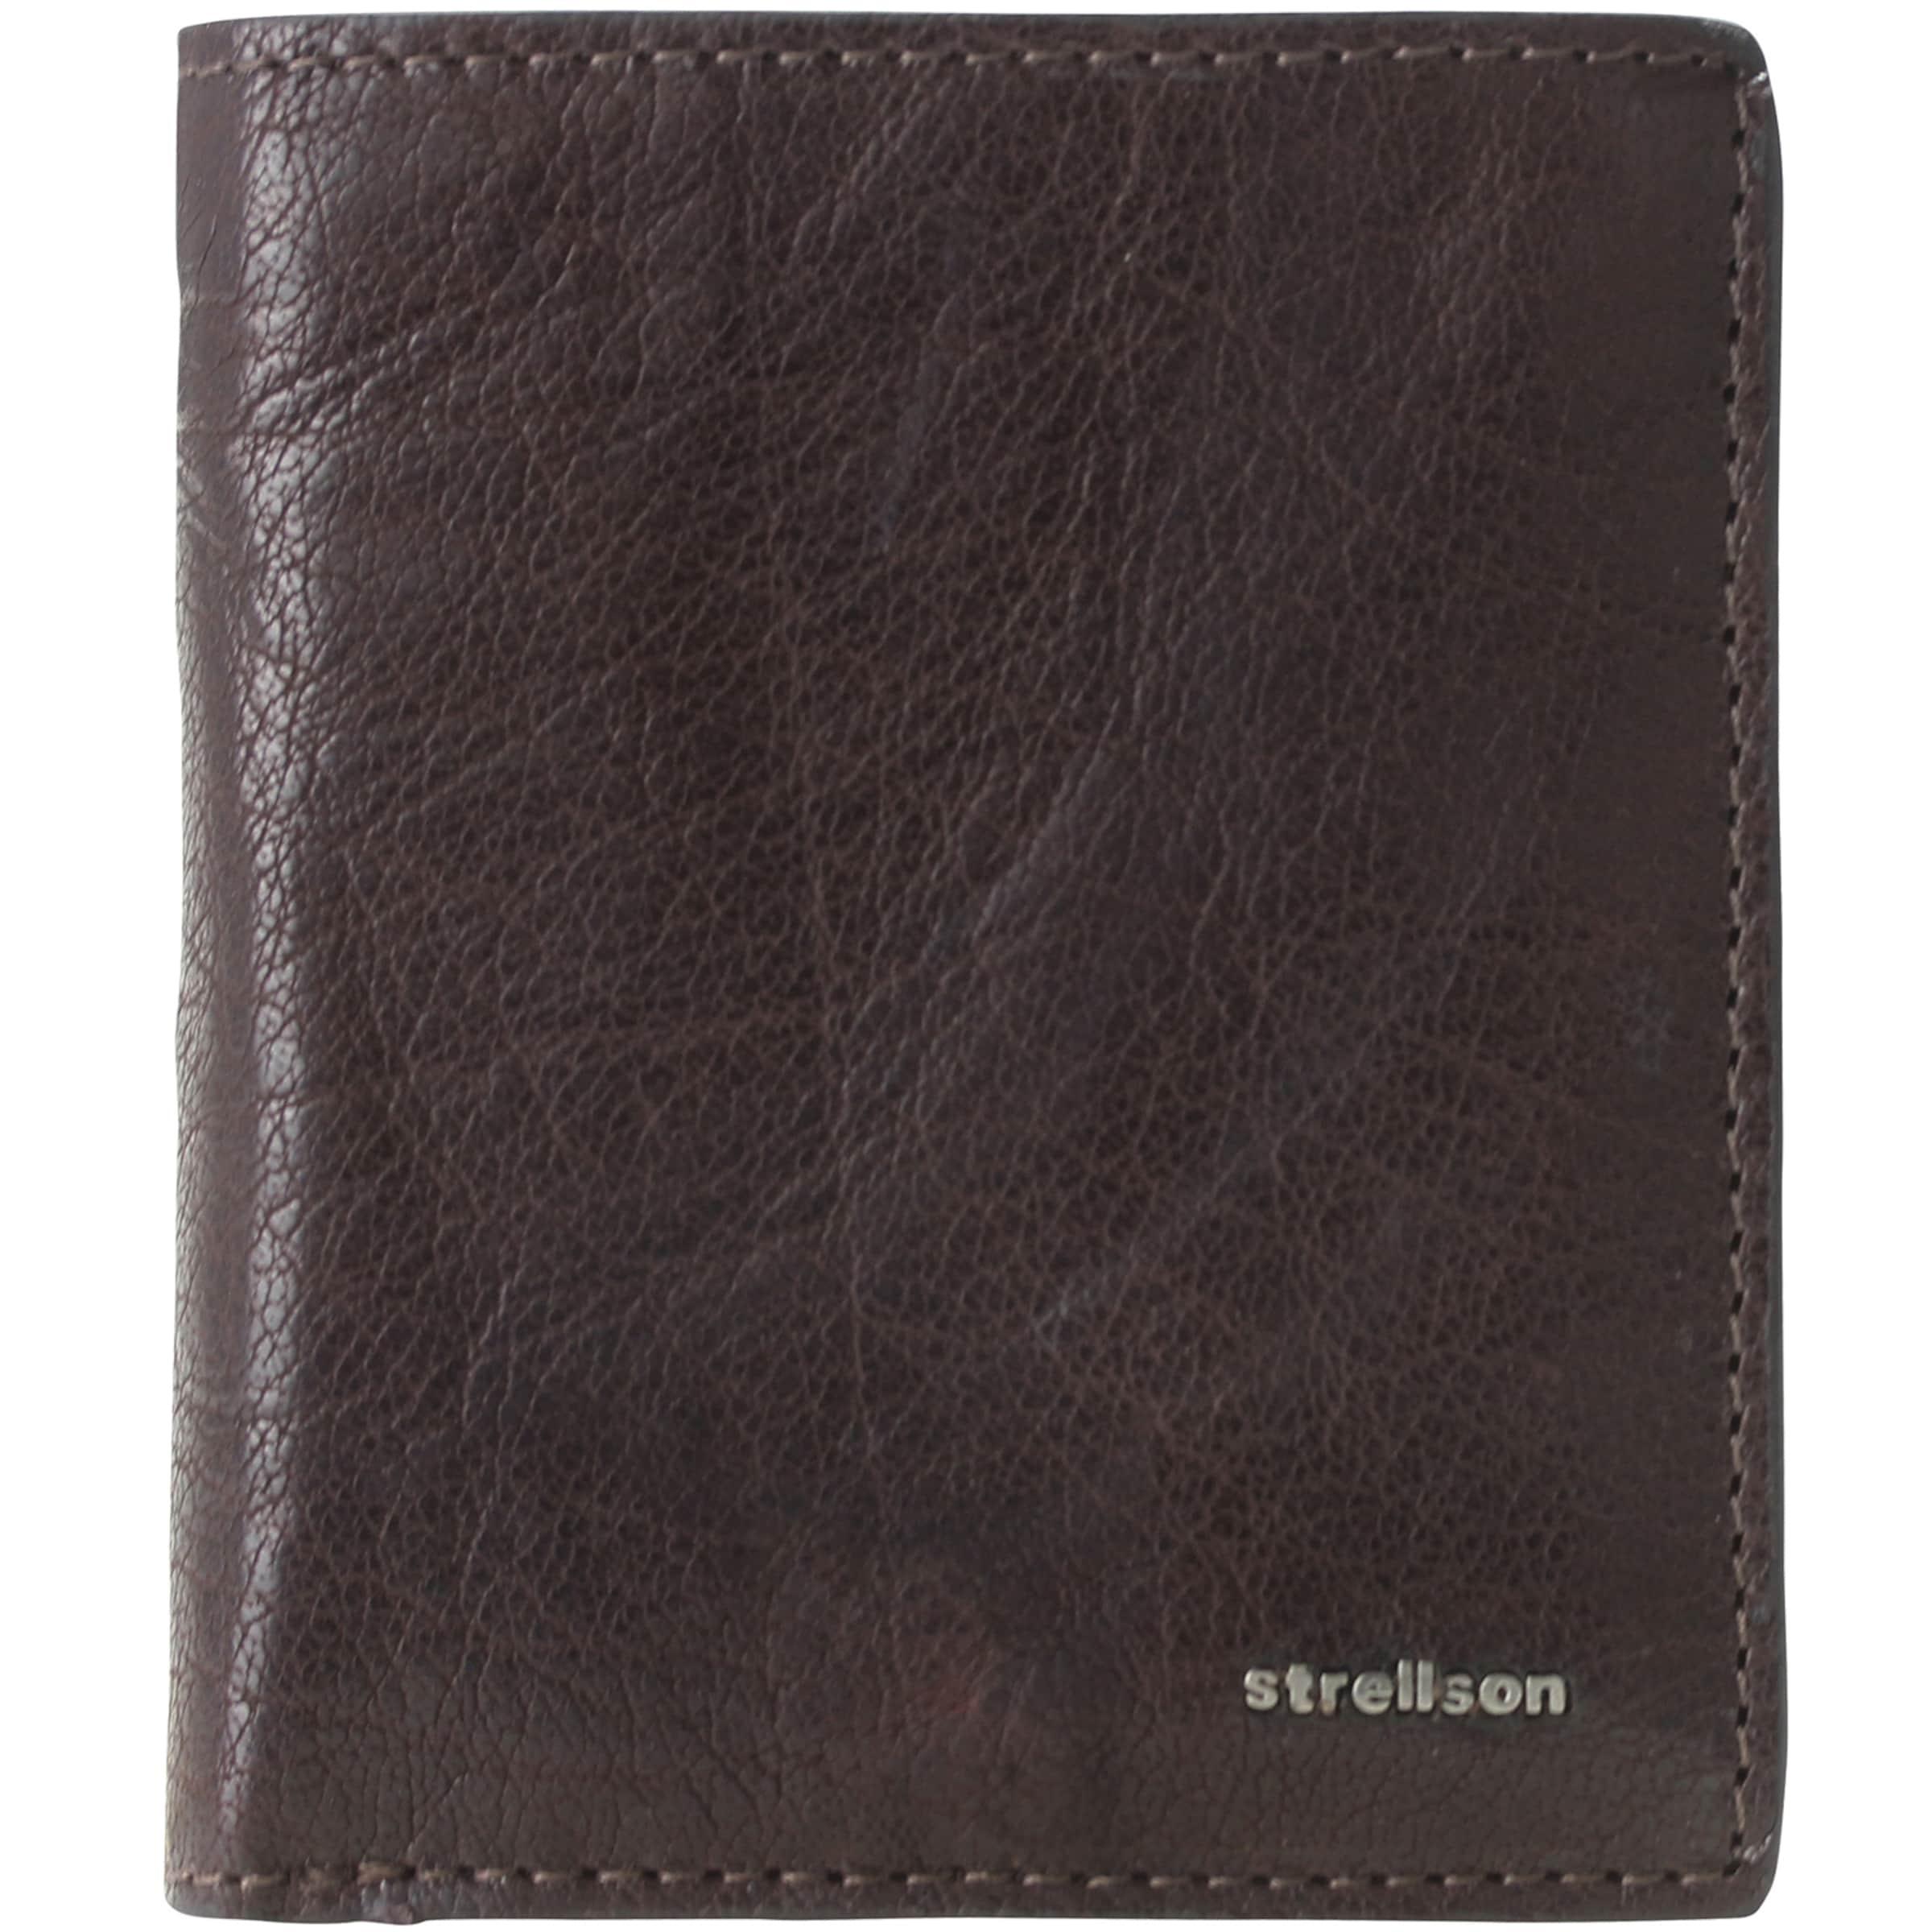 Bilder Günstiger Preis Visa-Zahlung Online STRELLSON Jefferson BillFold Q6 Geldbörse Leder 9 cm 05TeVJpLx